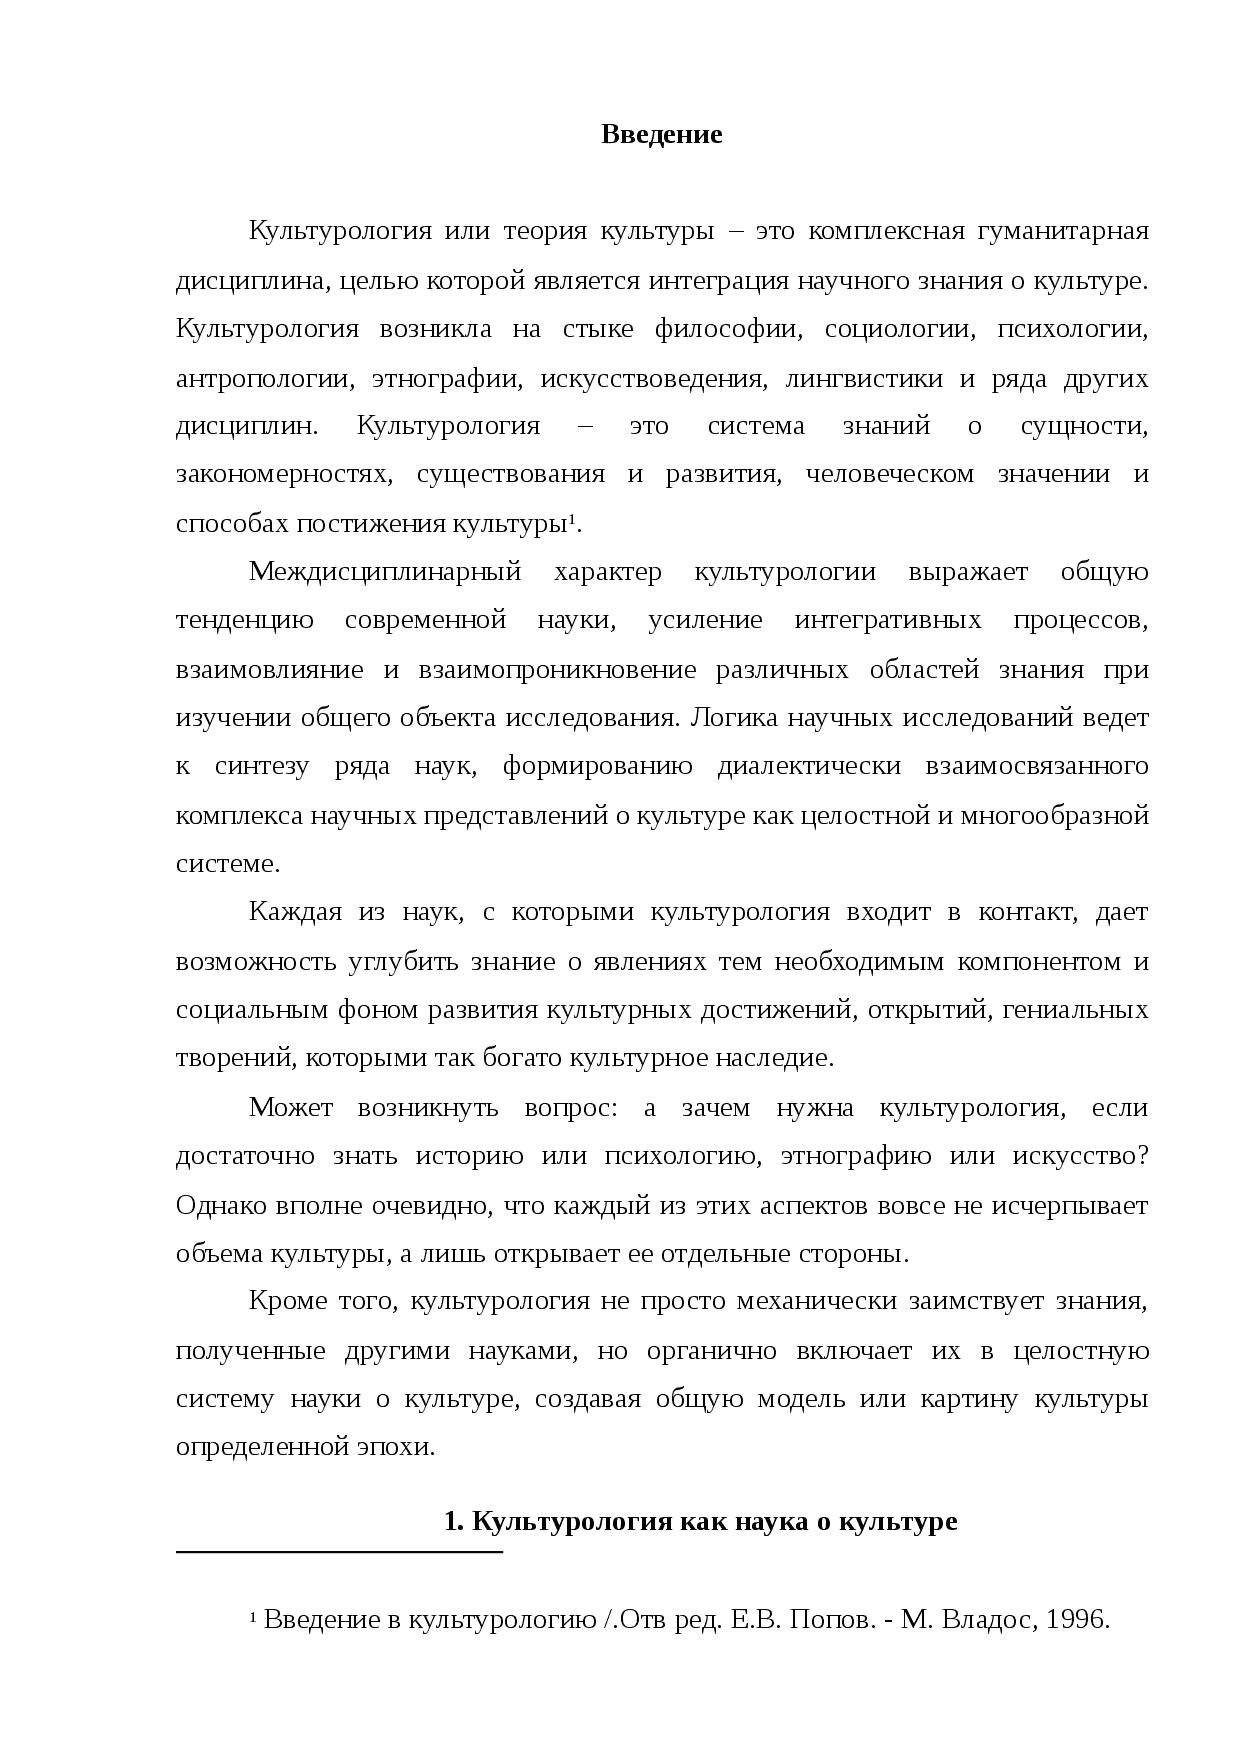 Лекция 6. культурология как наука о культуре